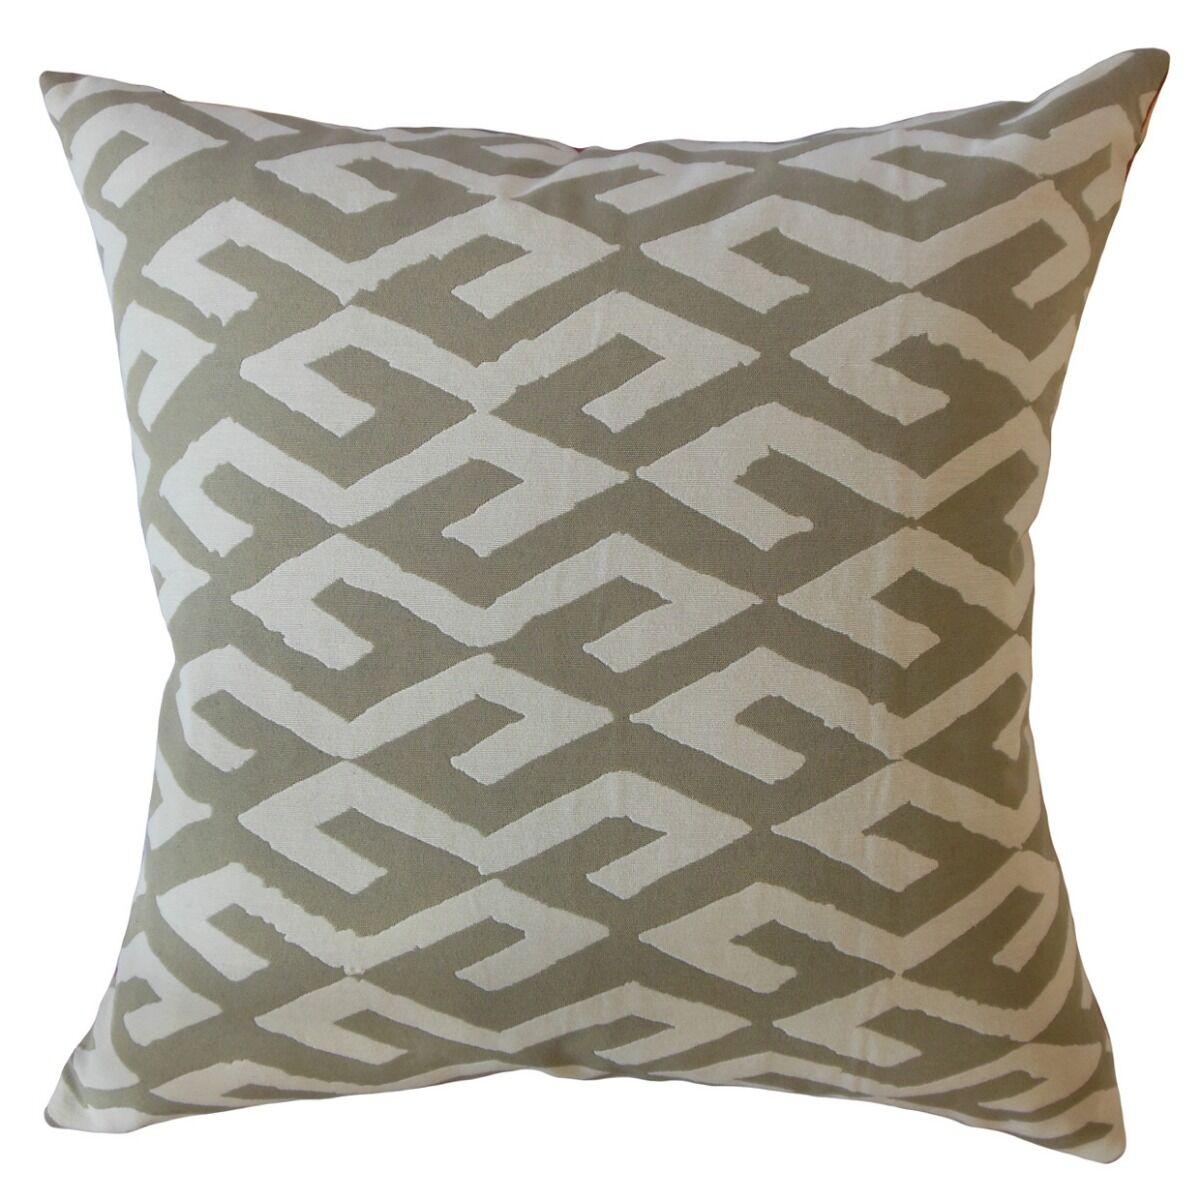 Munich Geometric Pillow Size: 20